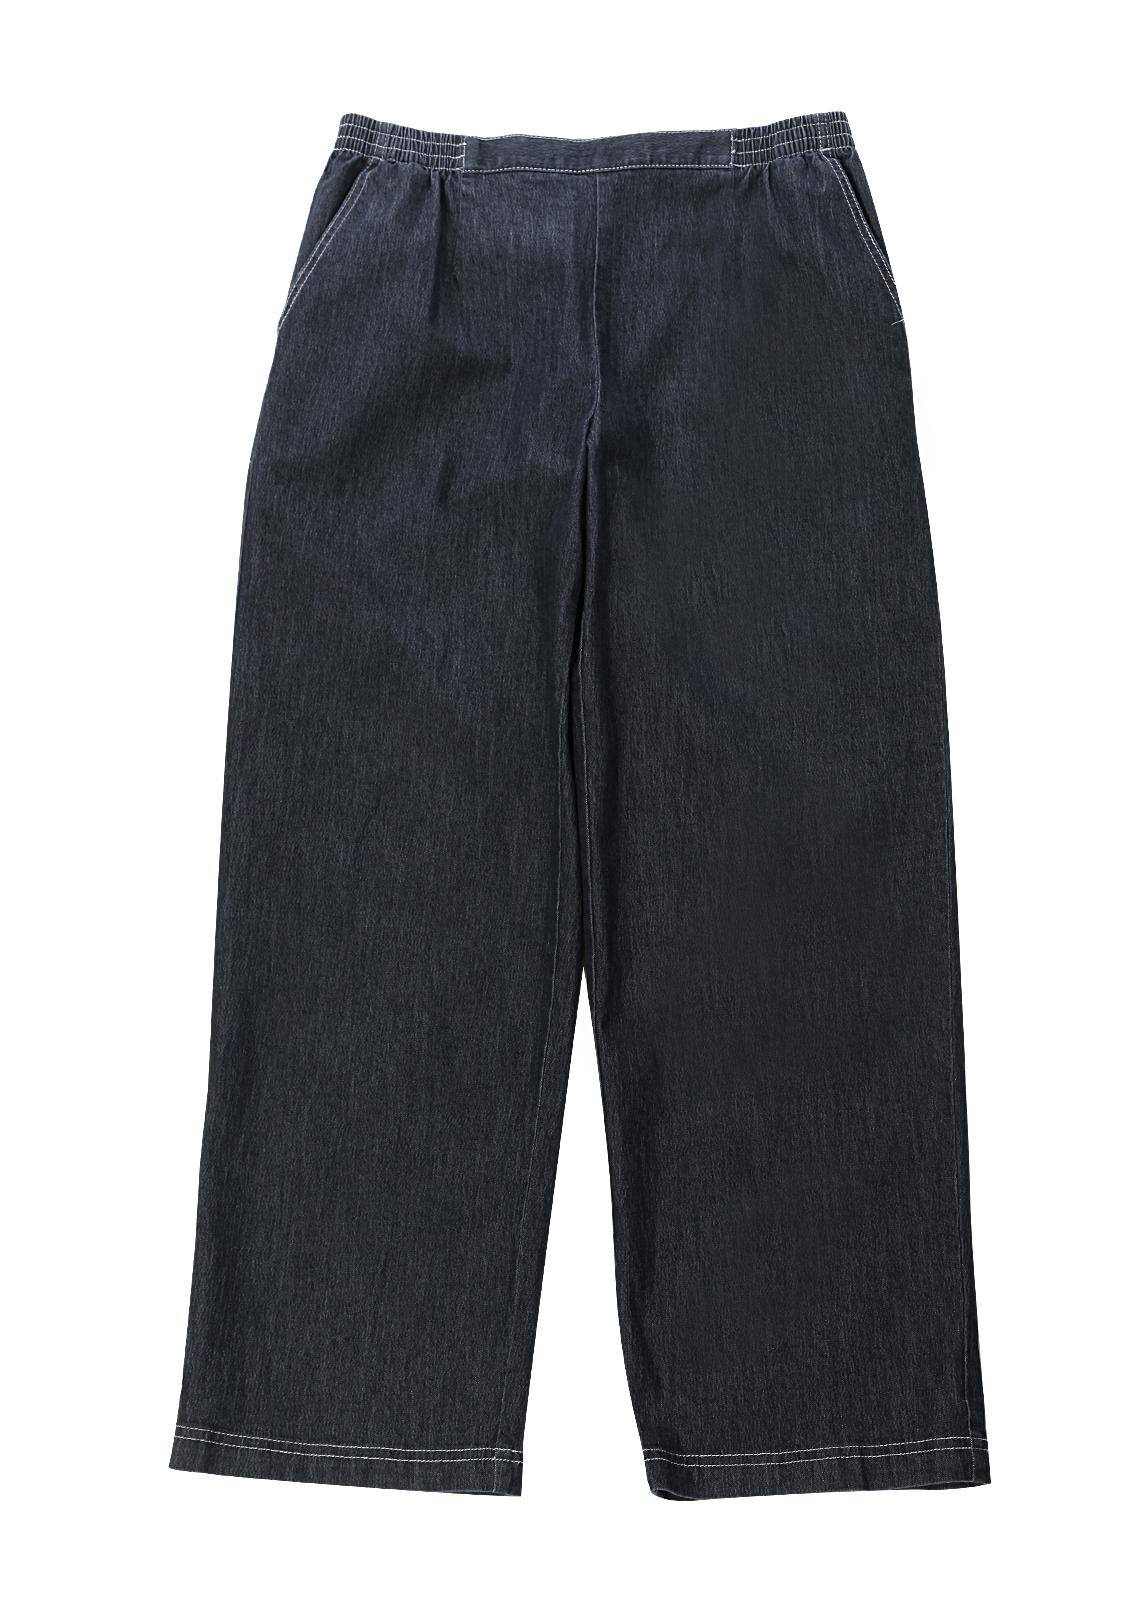 Womens Denim Jeans Elastic Waist Low Rise Pants Blue ...